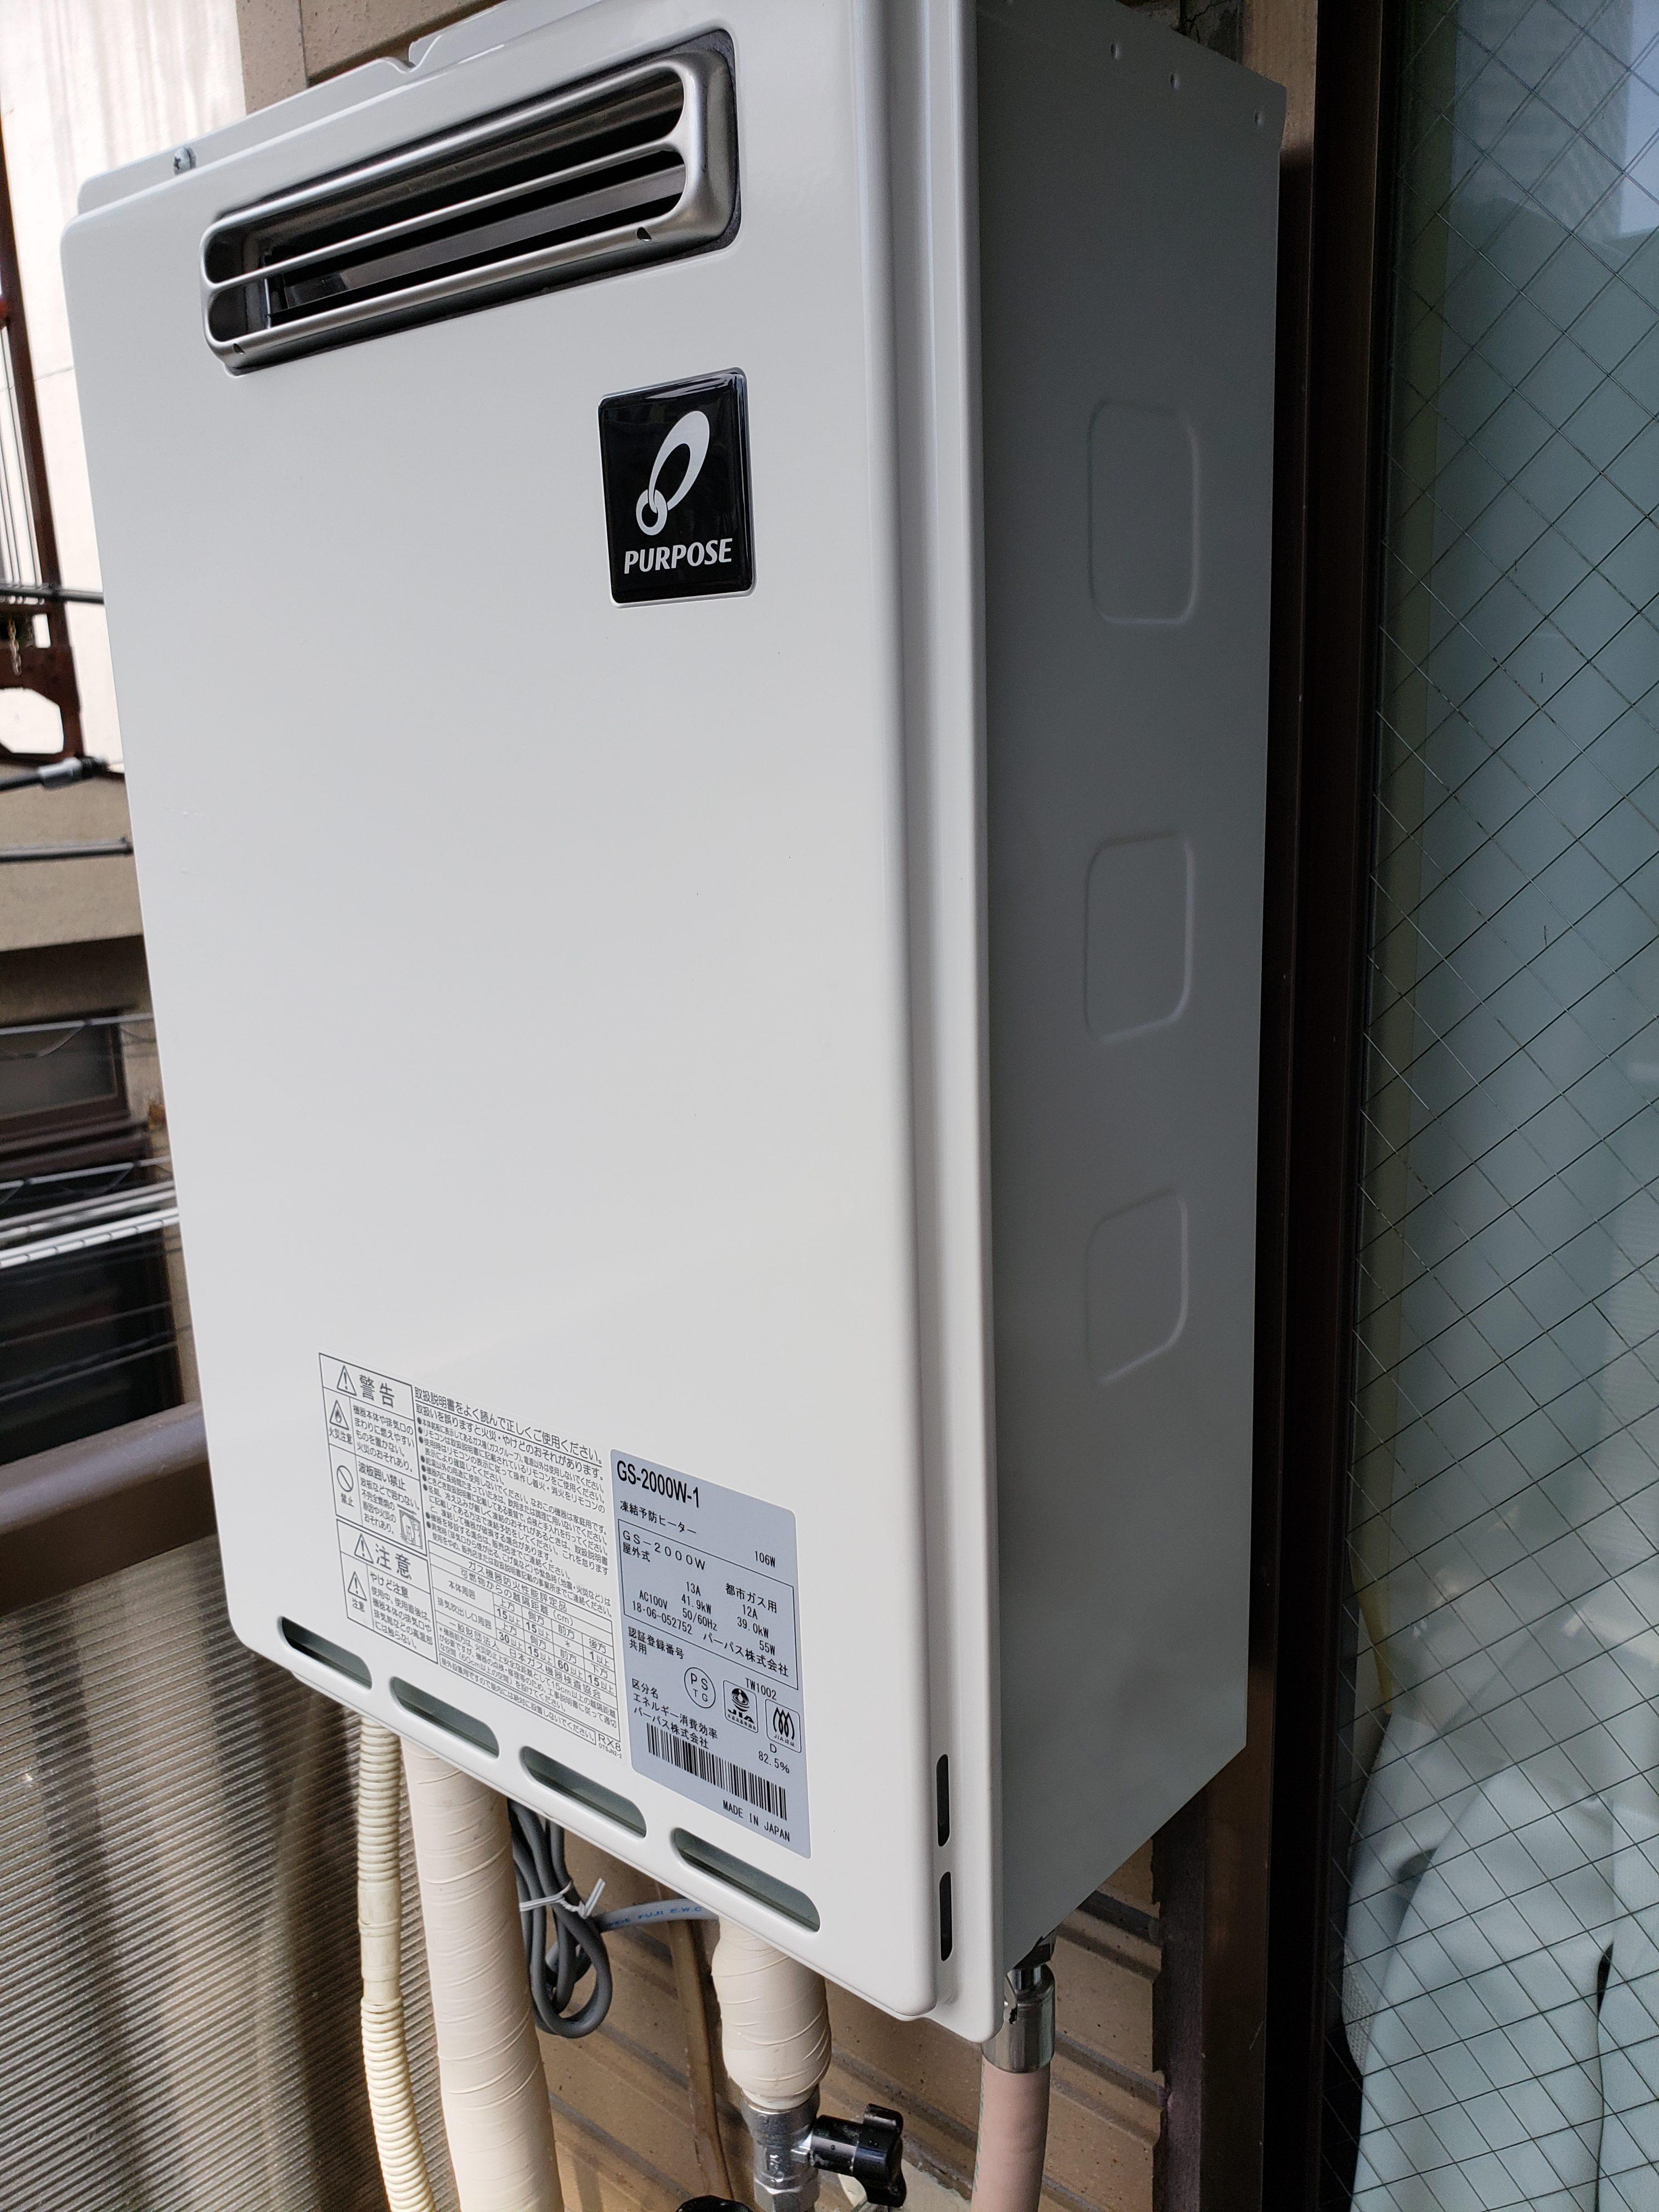 リンナイRUX-V1615W-EからパーパスGS-2000Wに取替工事を行いました。